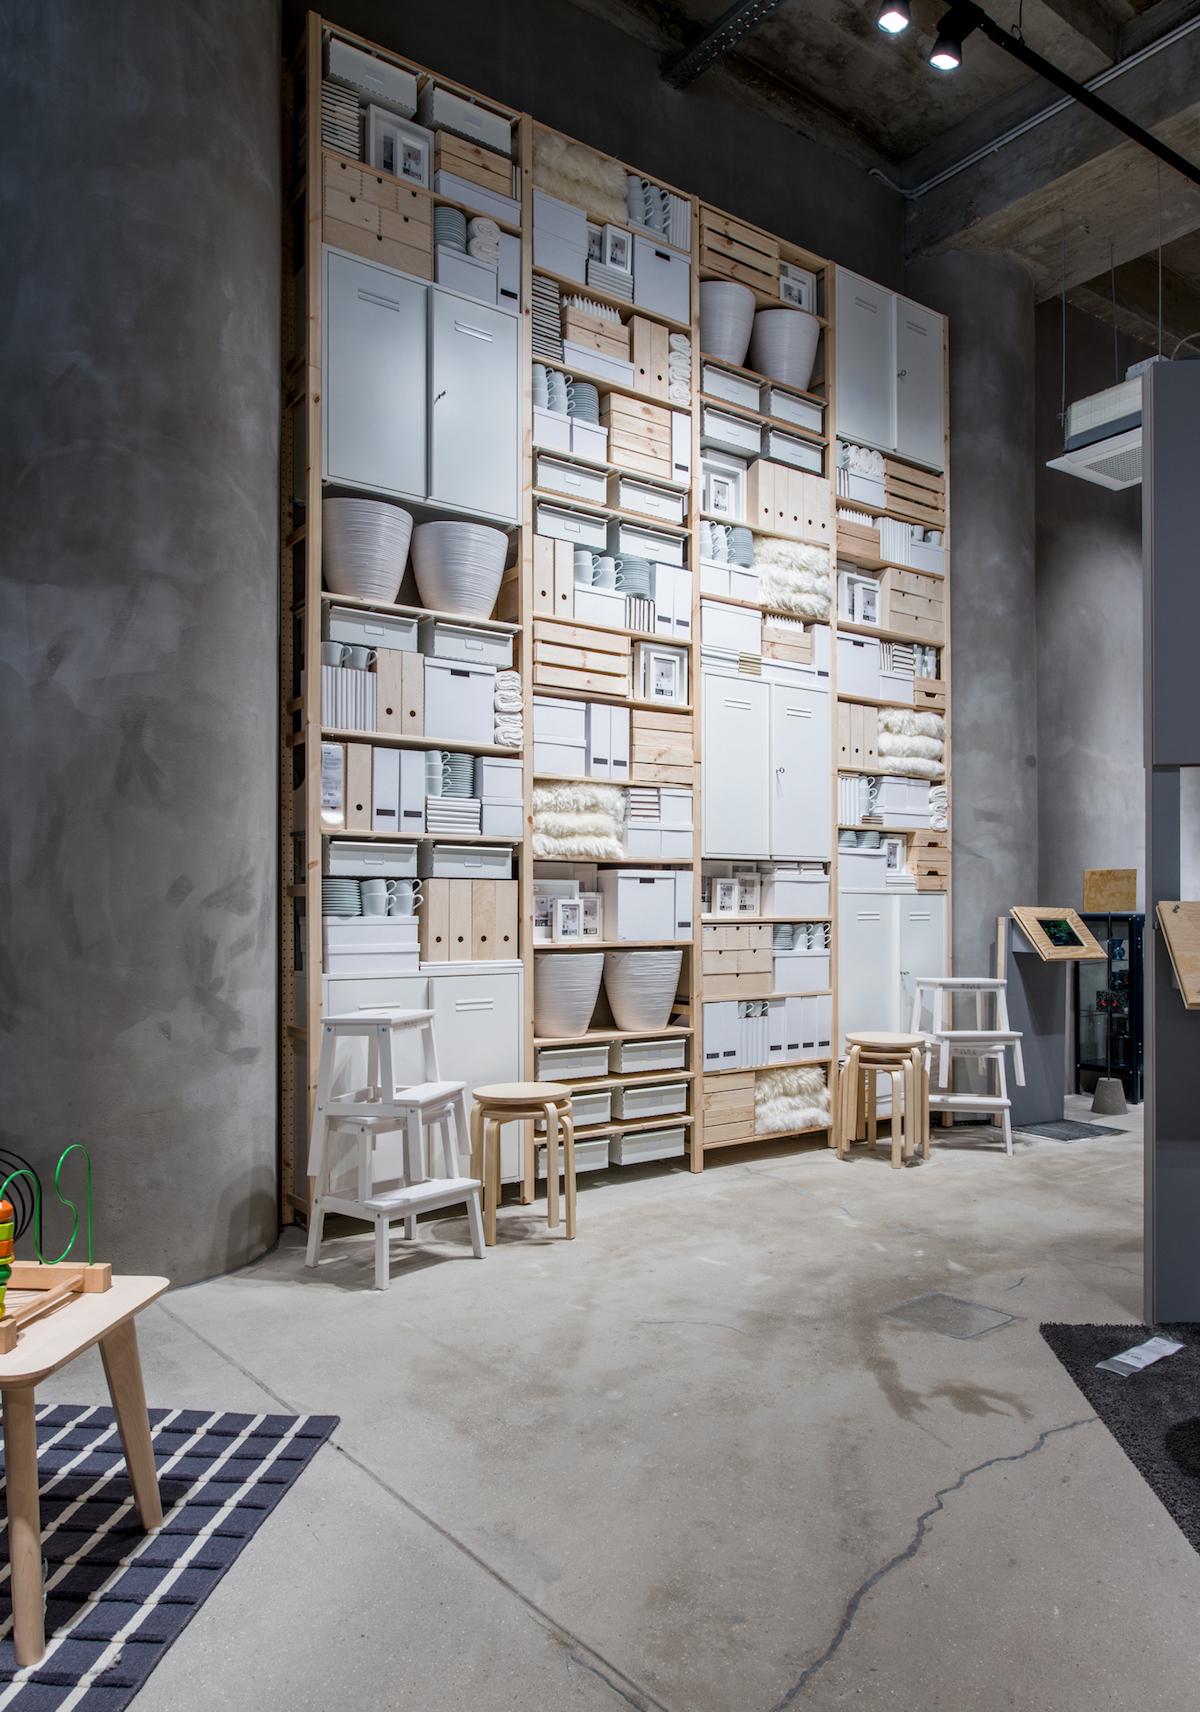 Koncept Ikea Point nabízí obývací pokoje